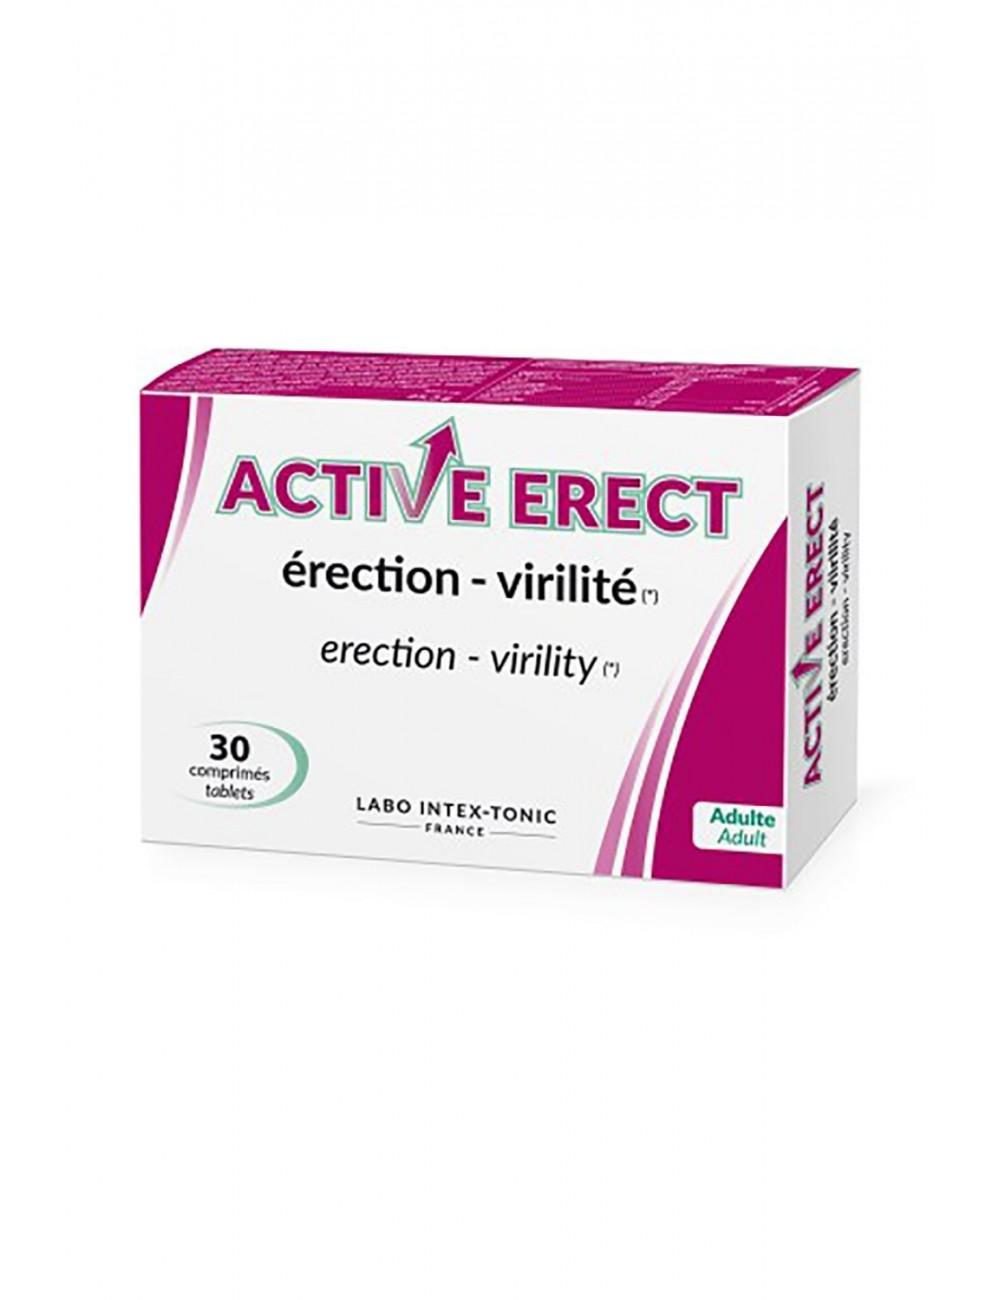 Active Erect 30 comprimés - CC850104 - Lubrifiants - LABO INTEX-TONIC